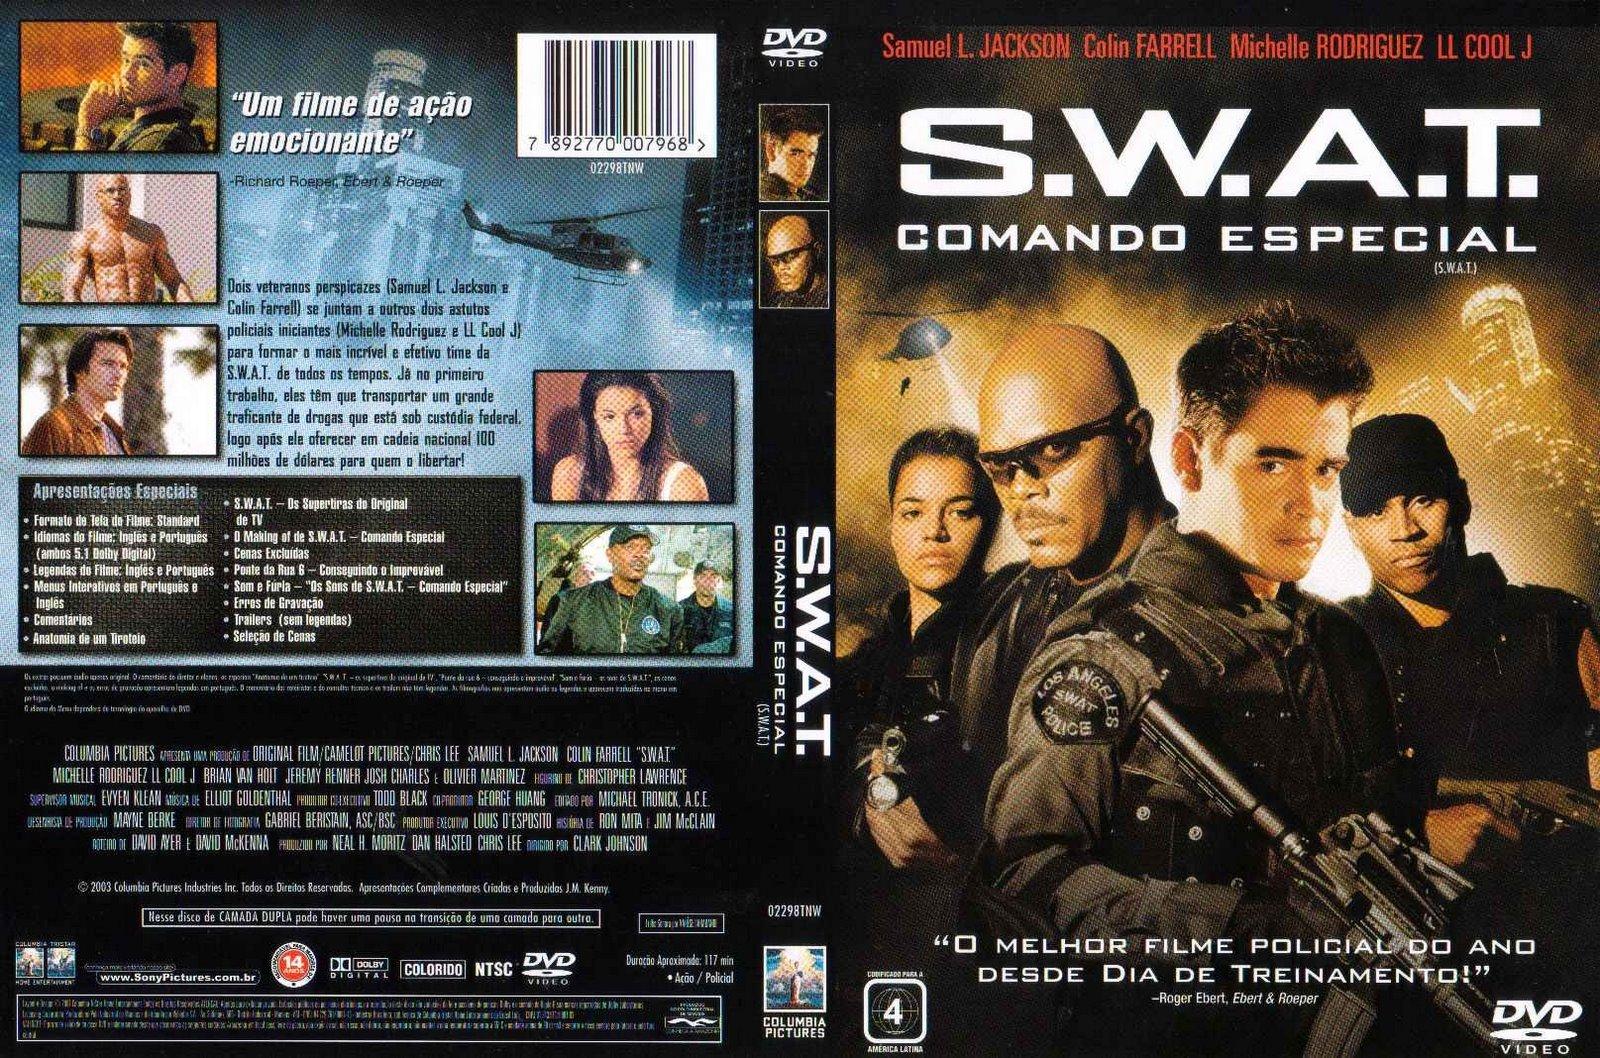 http://4.bp.blogspot.com/_V5rKwjMtm1k/S7tjdIvyKqI/AAAAAAAAACk/M7UfD4ij98c/s1600/SWAT_Comando+especial.jpg